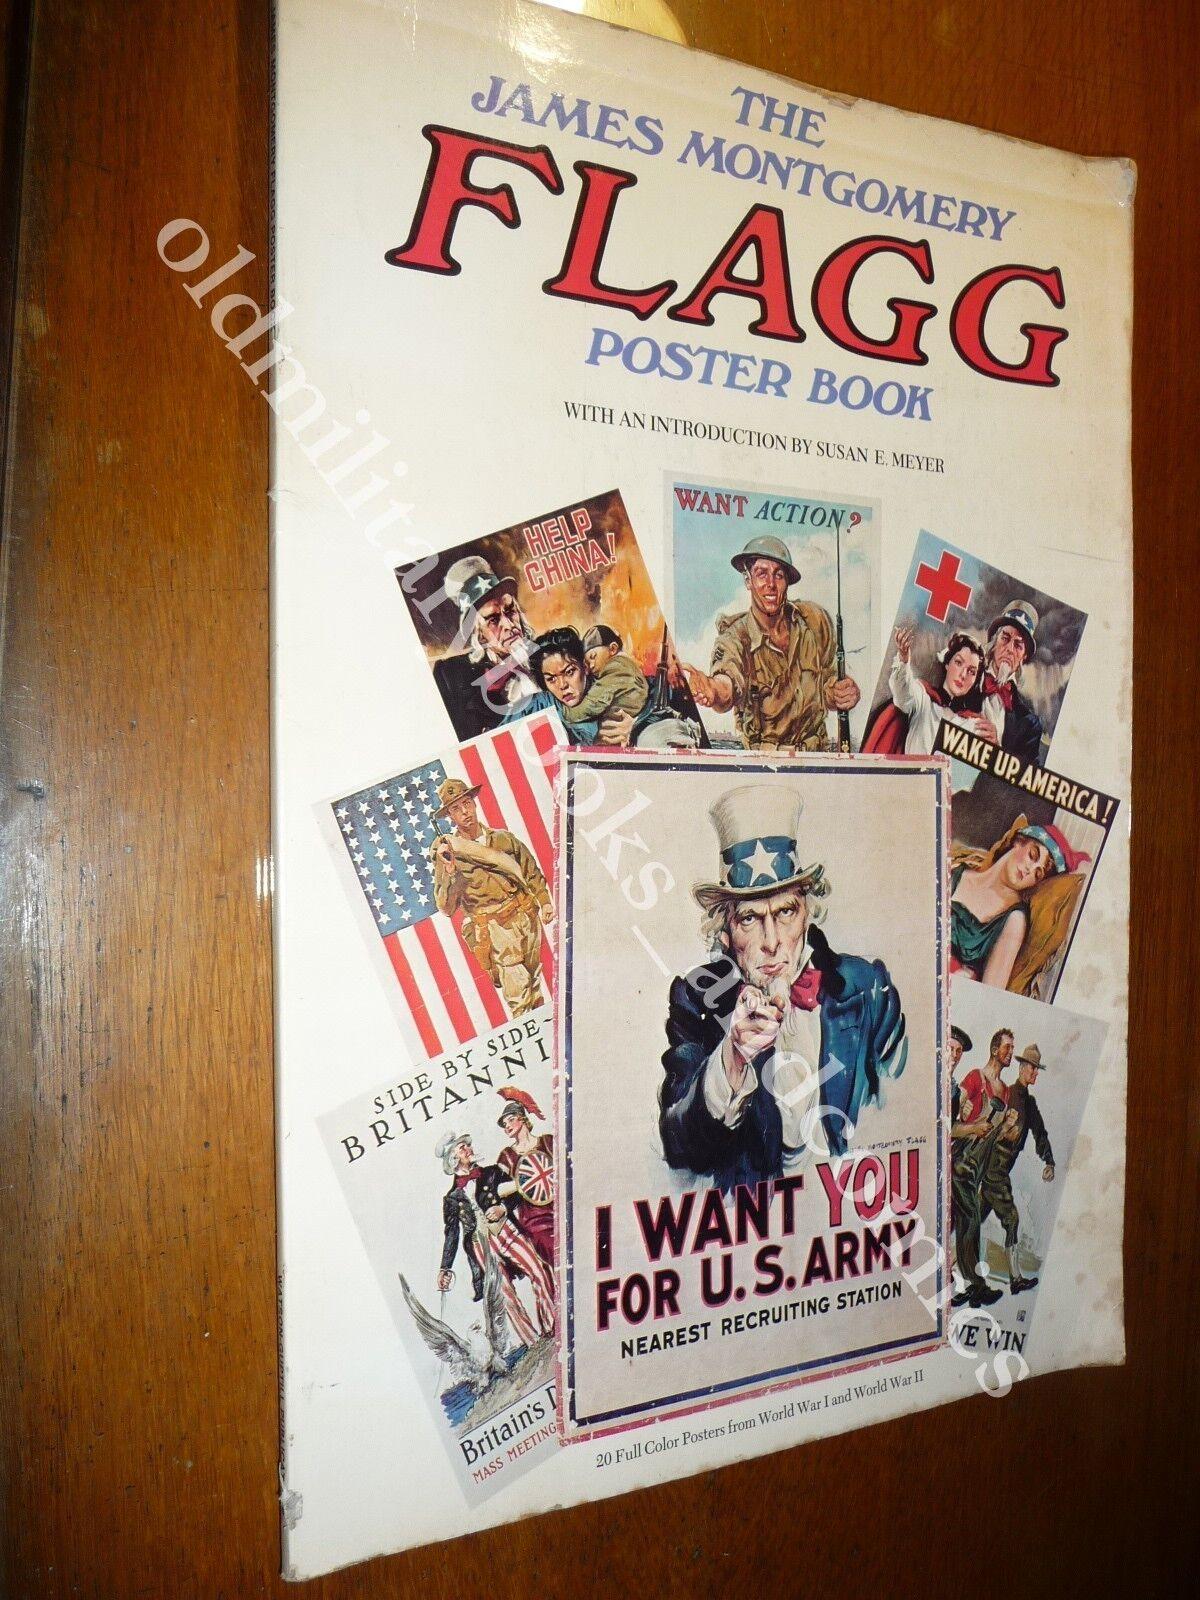 THE JAMES MONTGOMEY FLAGG POSTER BOOK PROPAGANDA MILITARE USA NEI MANIFESTI WWI